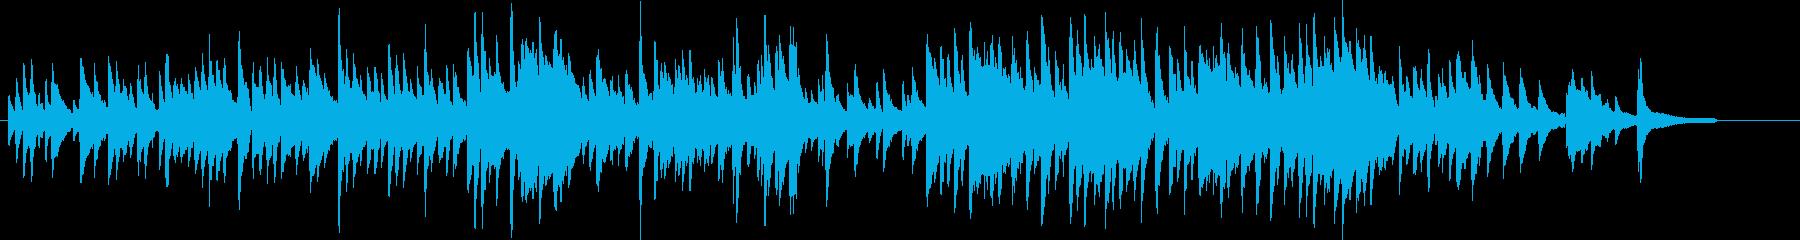 穏やかで少し切ないピアノ曲の再生済みの波形